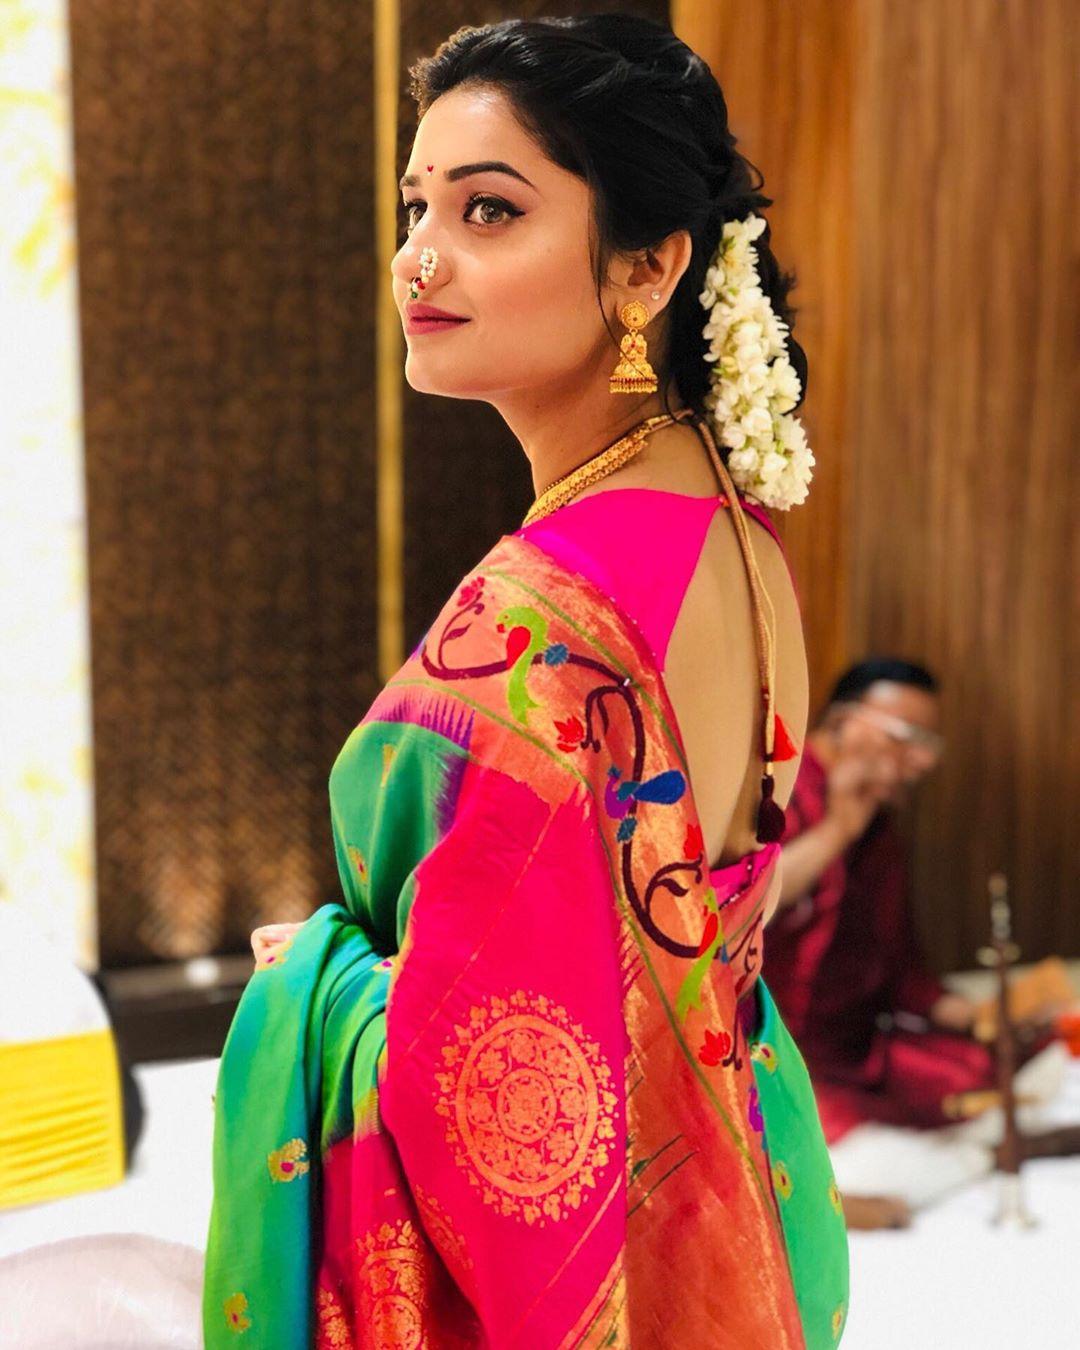 Hruta Durgule marathi actress 29